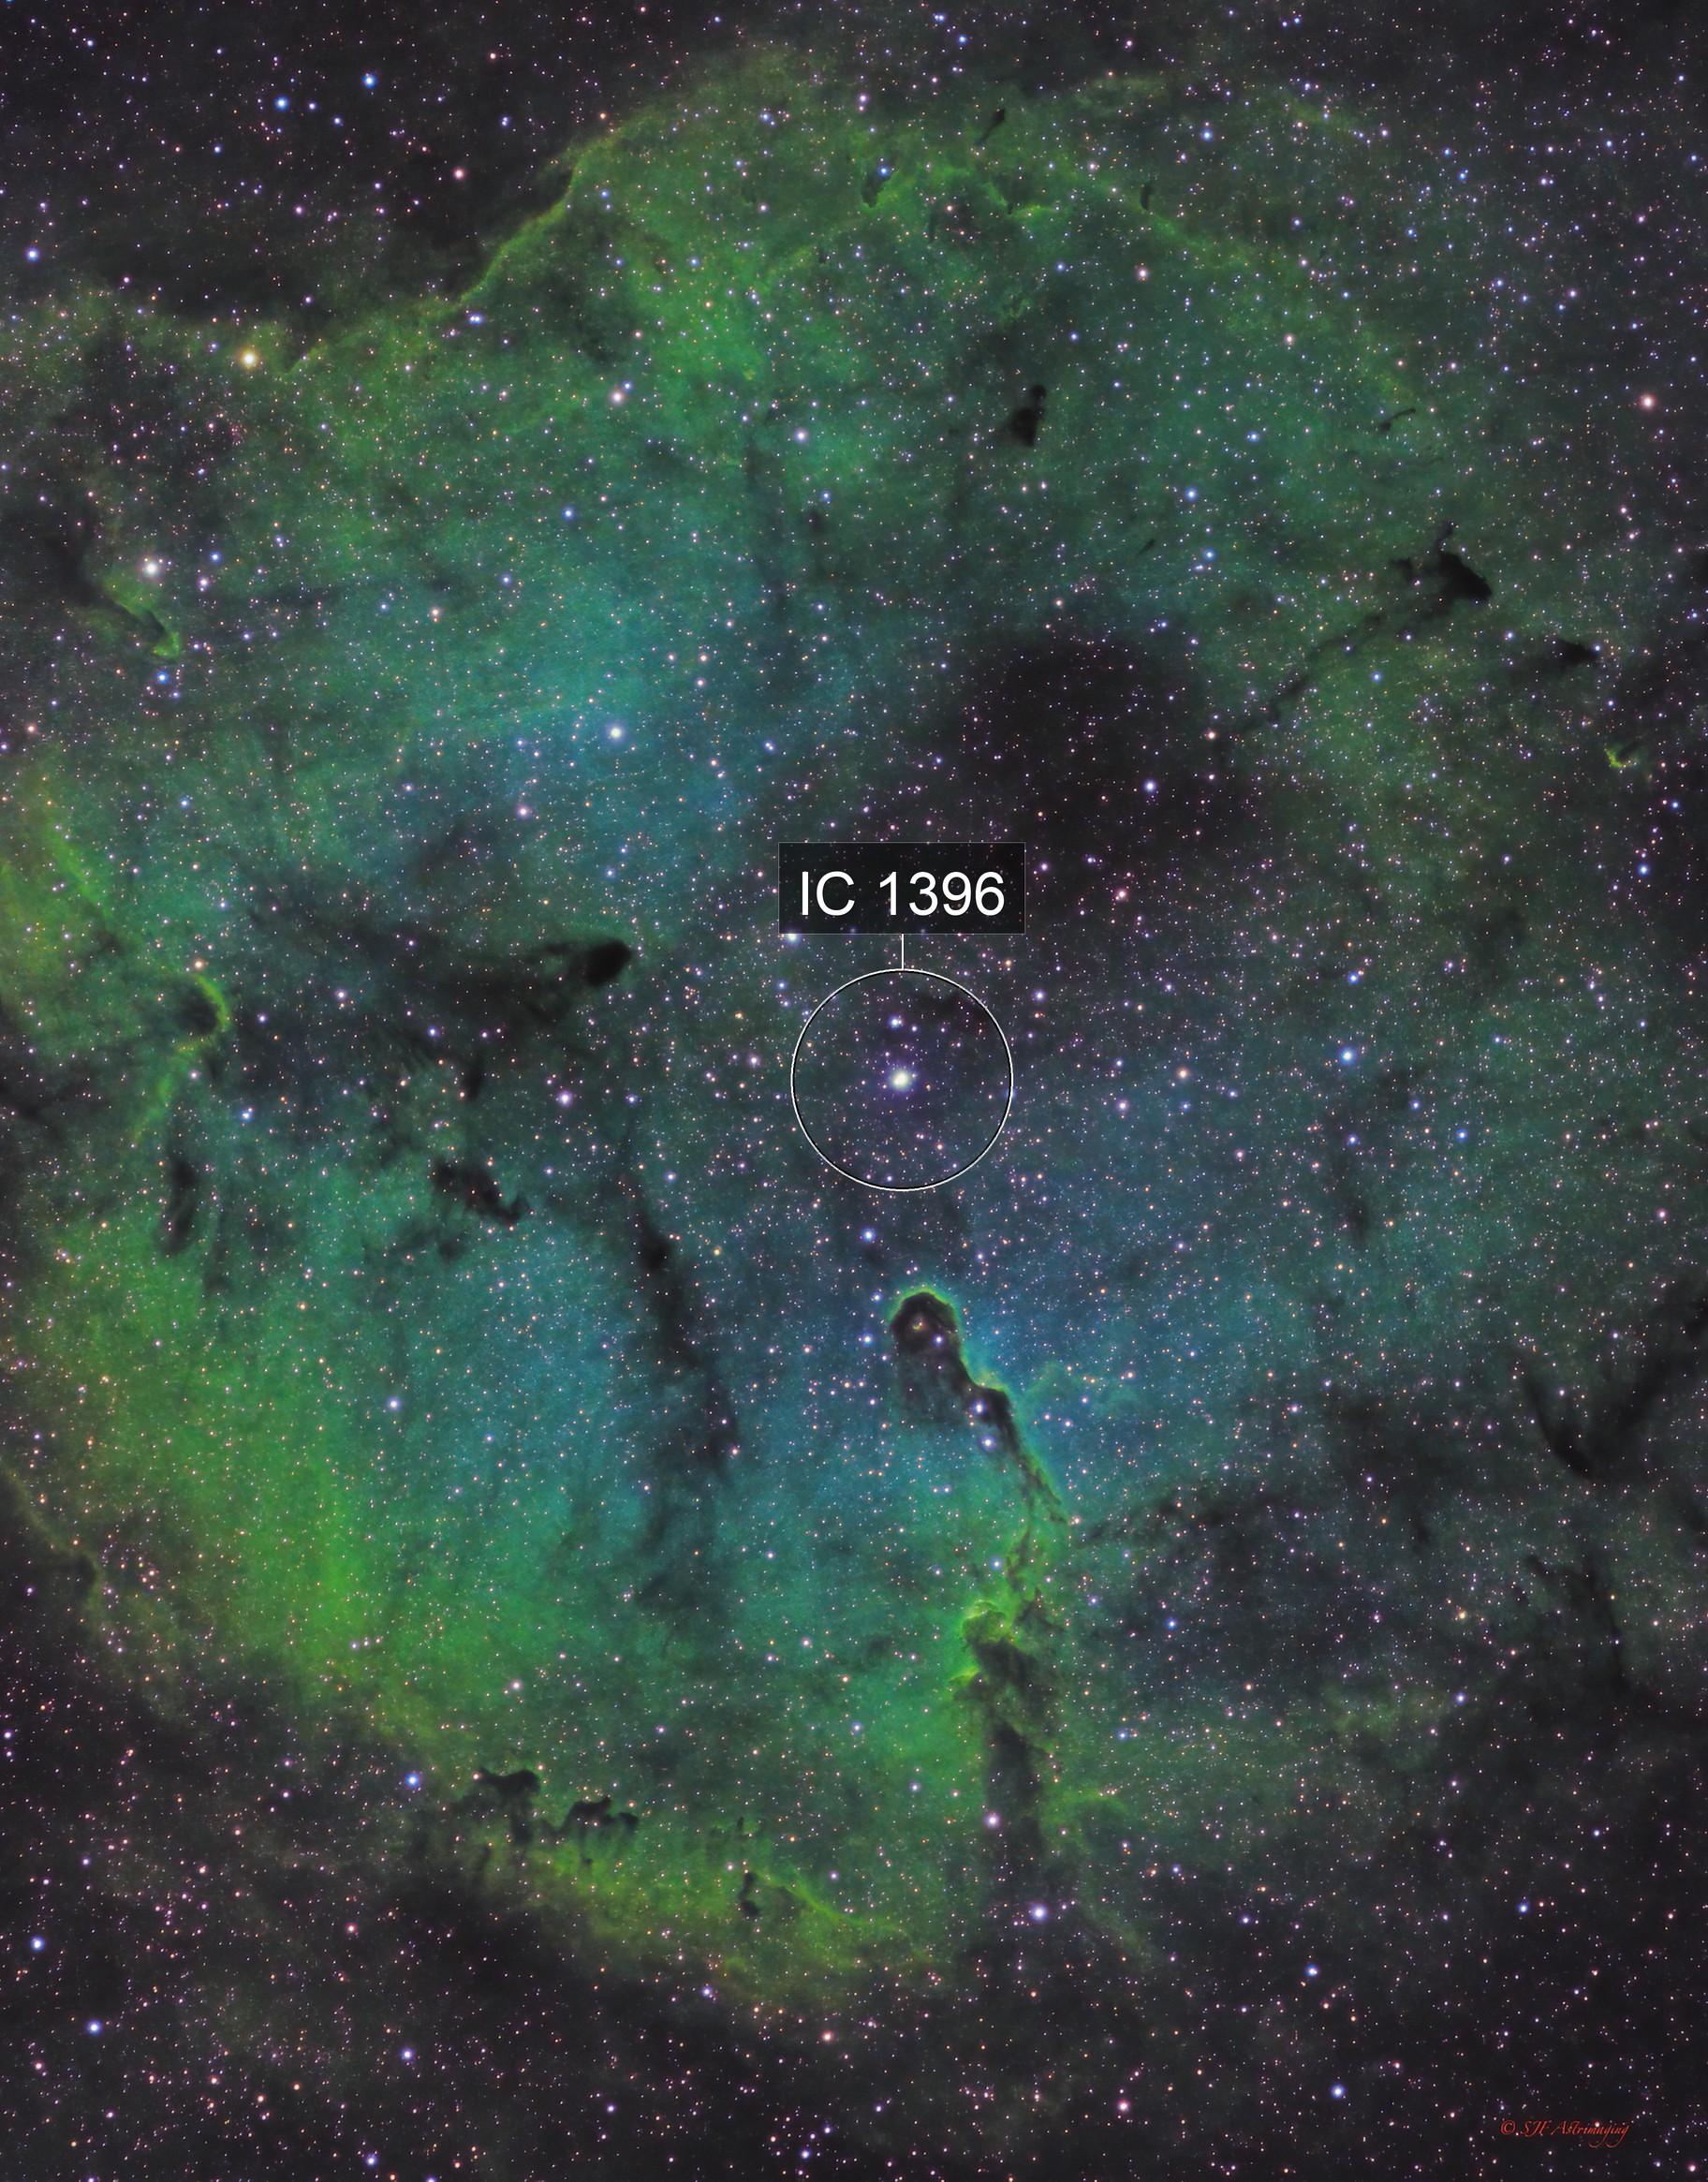 Elephant's Trunk Nebula, IC 1396